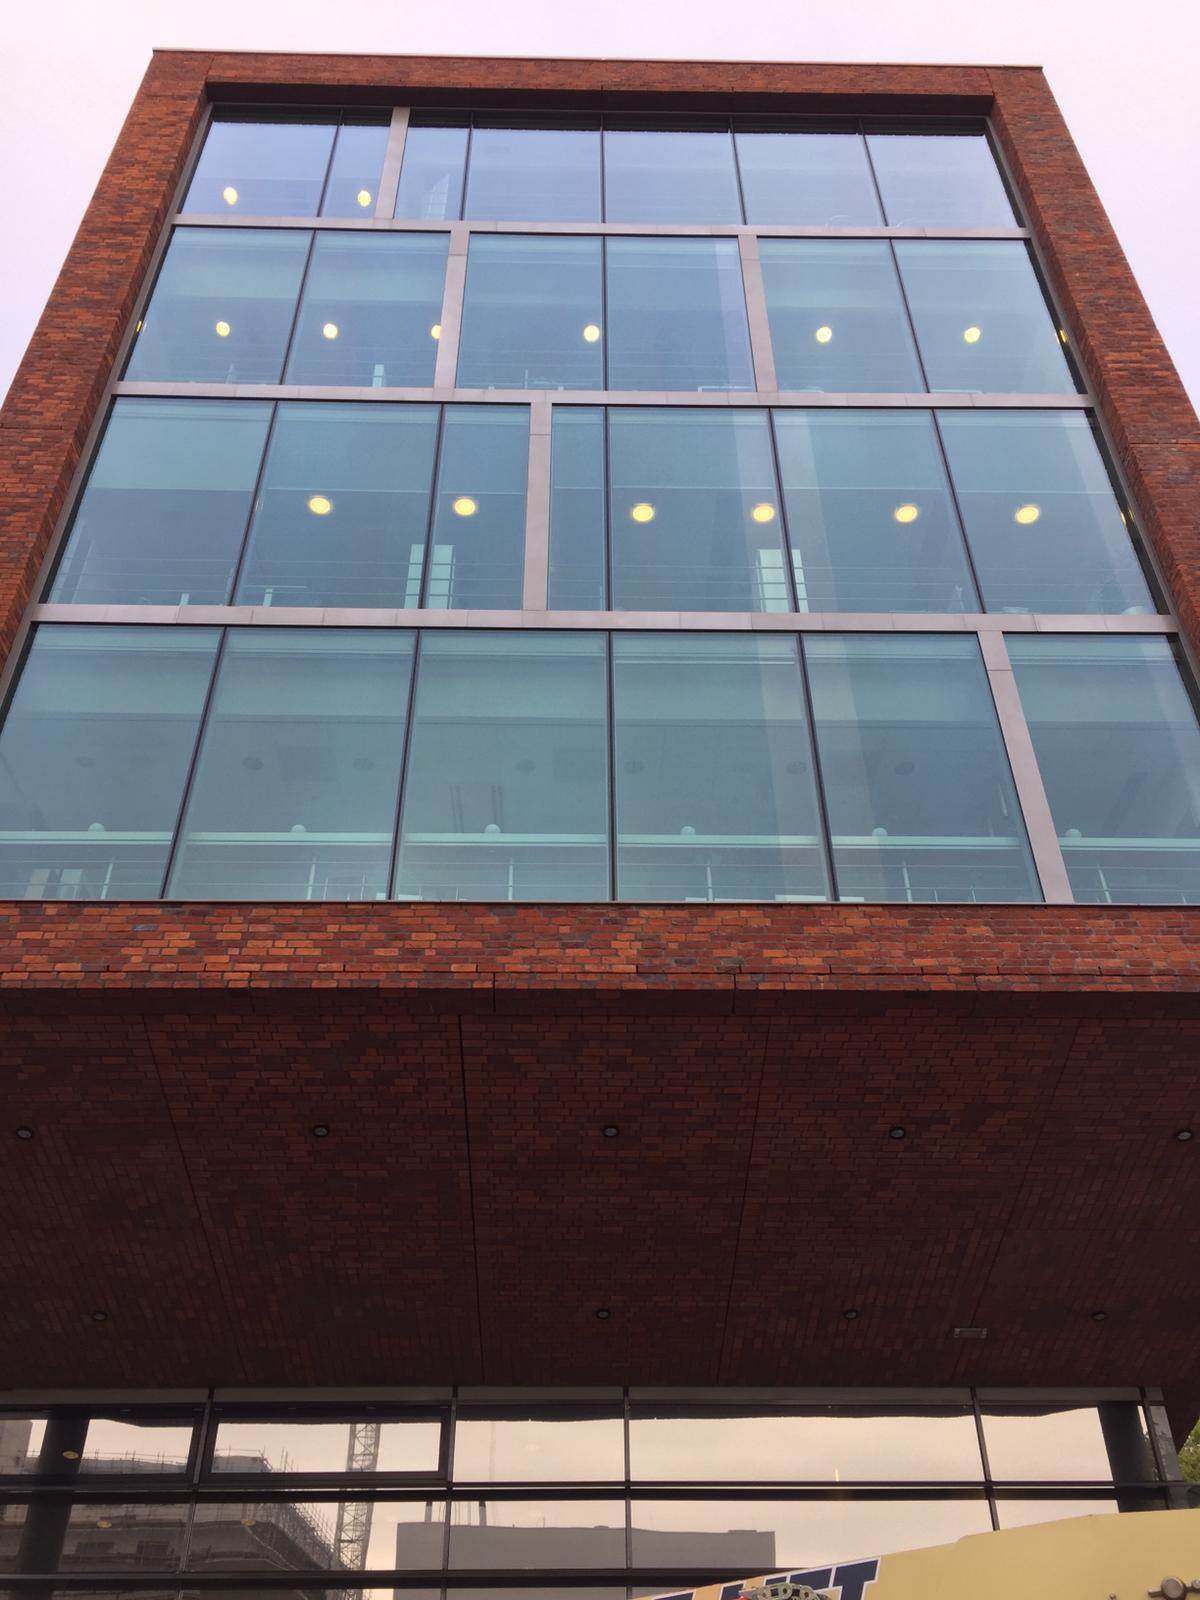 LLumar warmtewerende glasfolie - Sanquin te Amsterdam